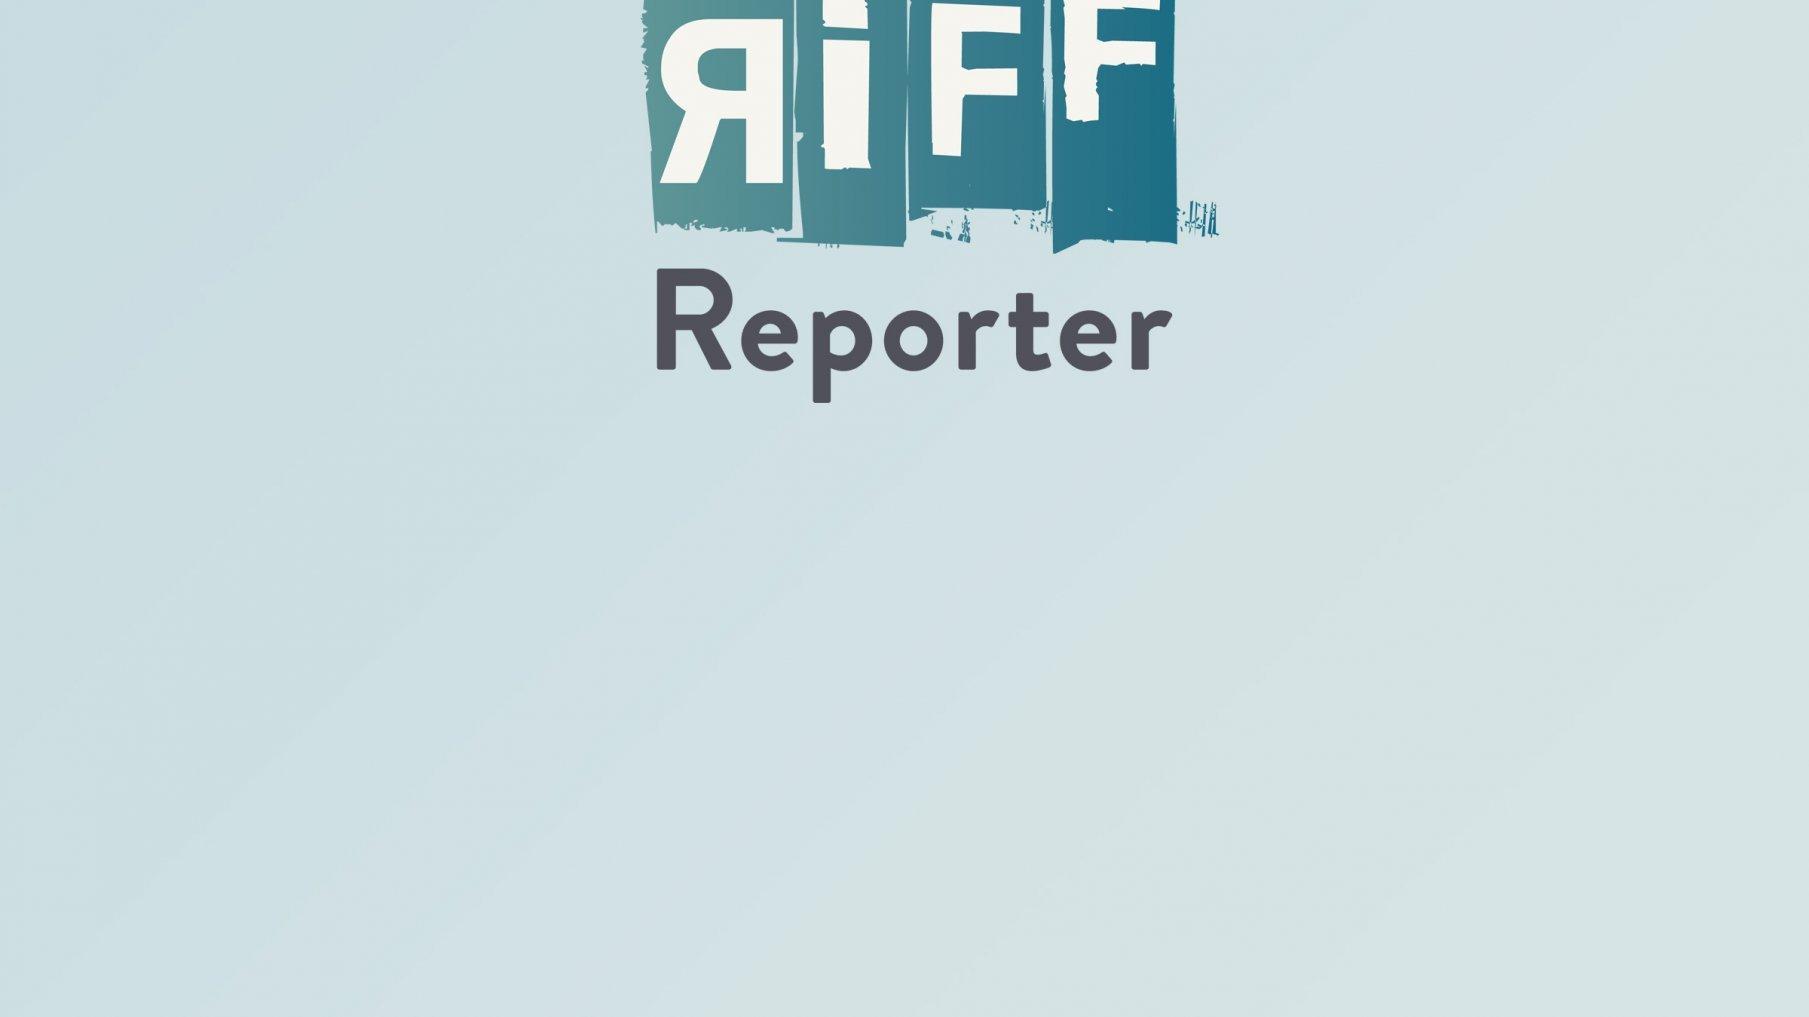 Die Skyline von Dubai mit etlichen Wolkenkratzern und rotem Abendhimmel